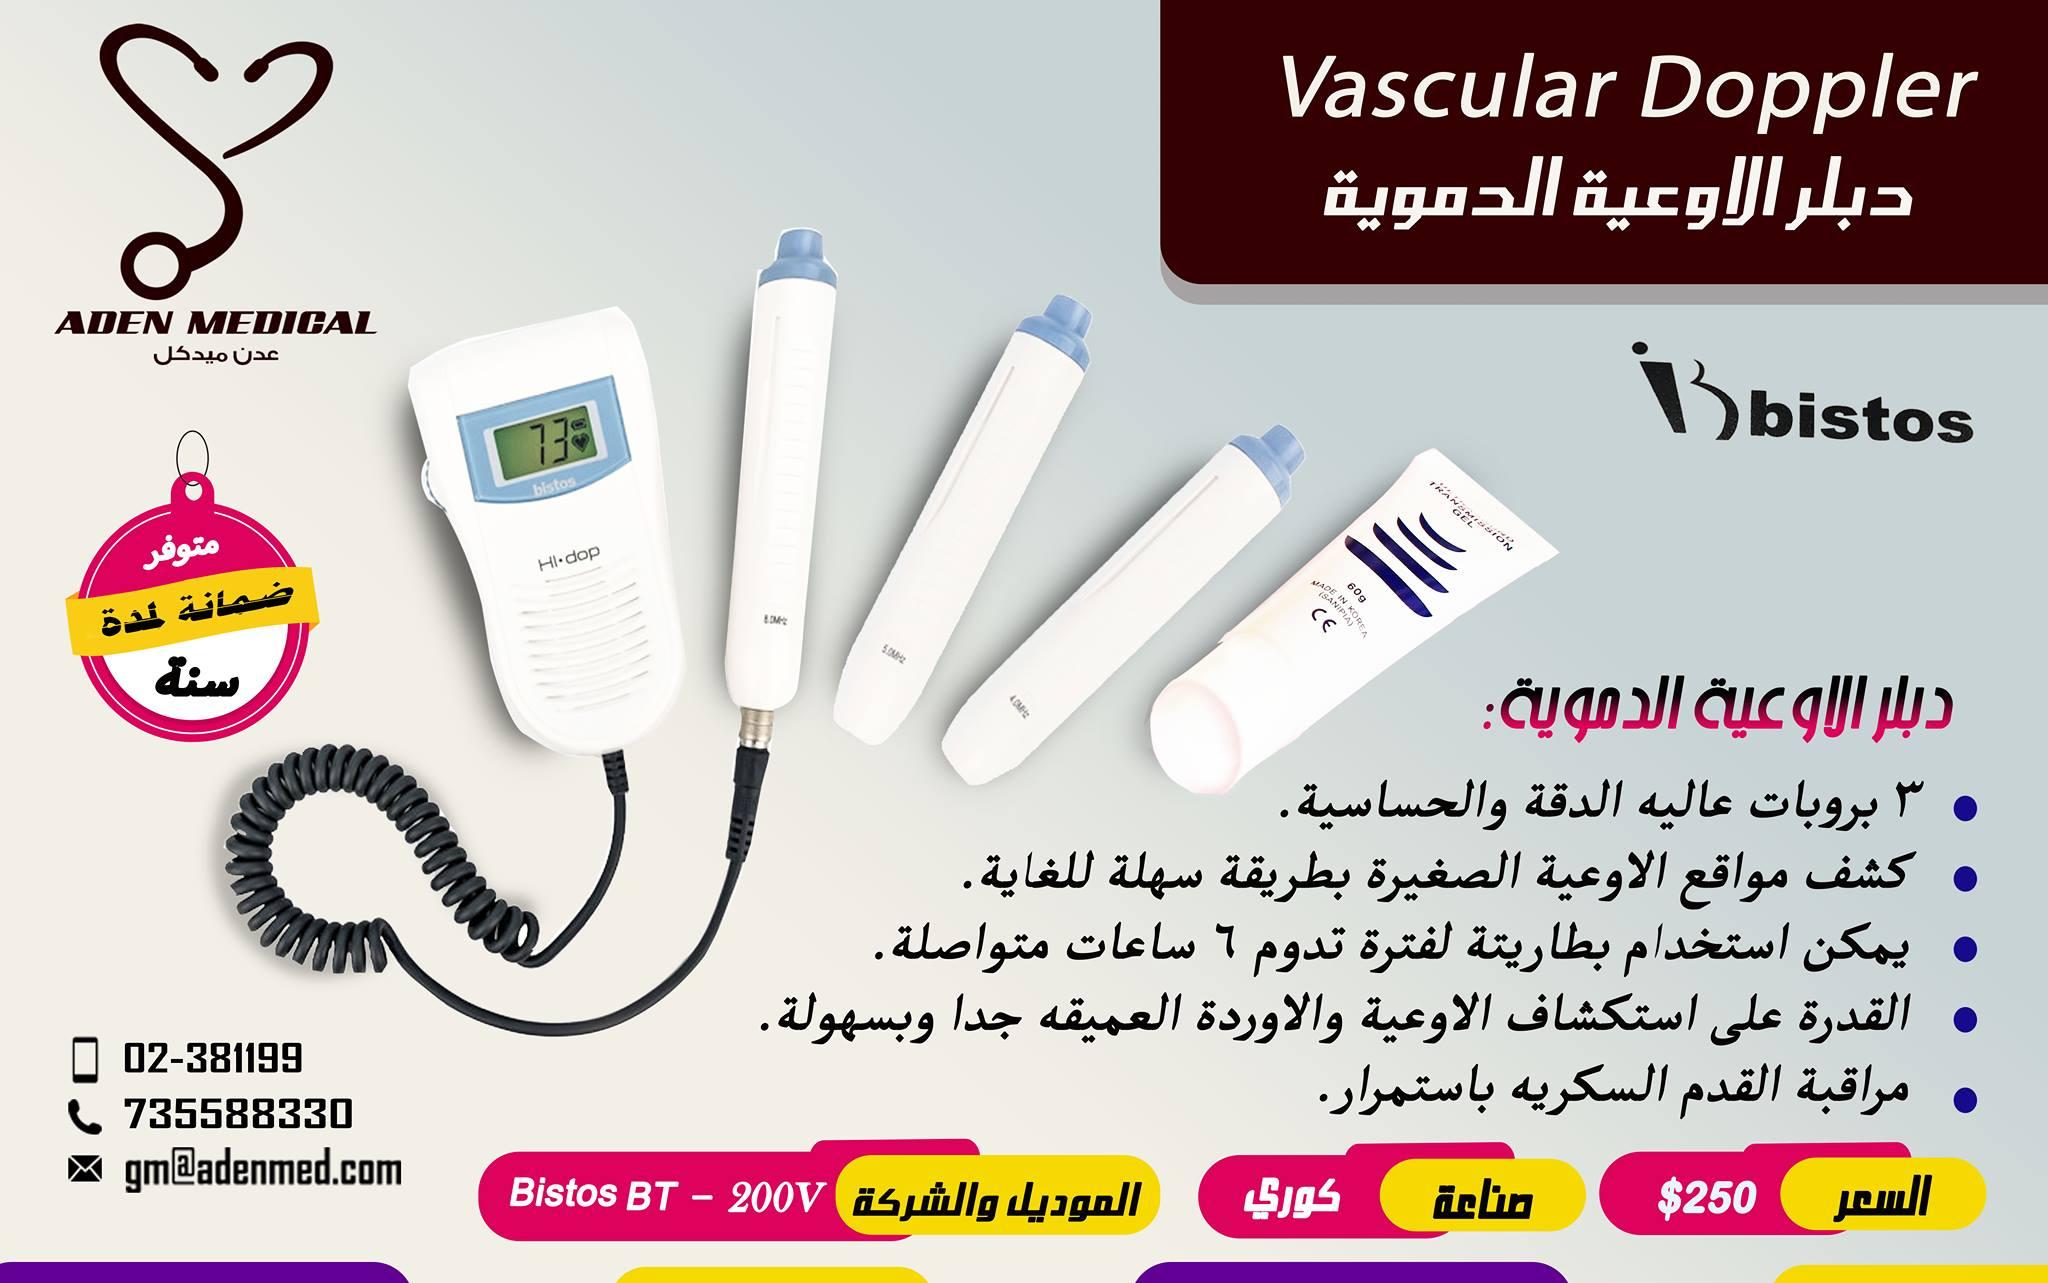 دبلر الاوعية الدموية Vascular Doppler